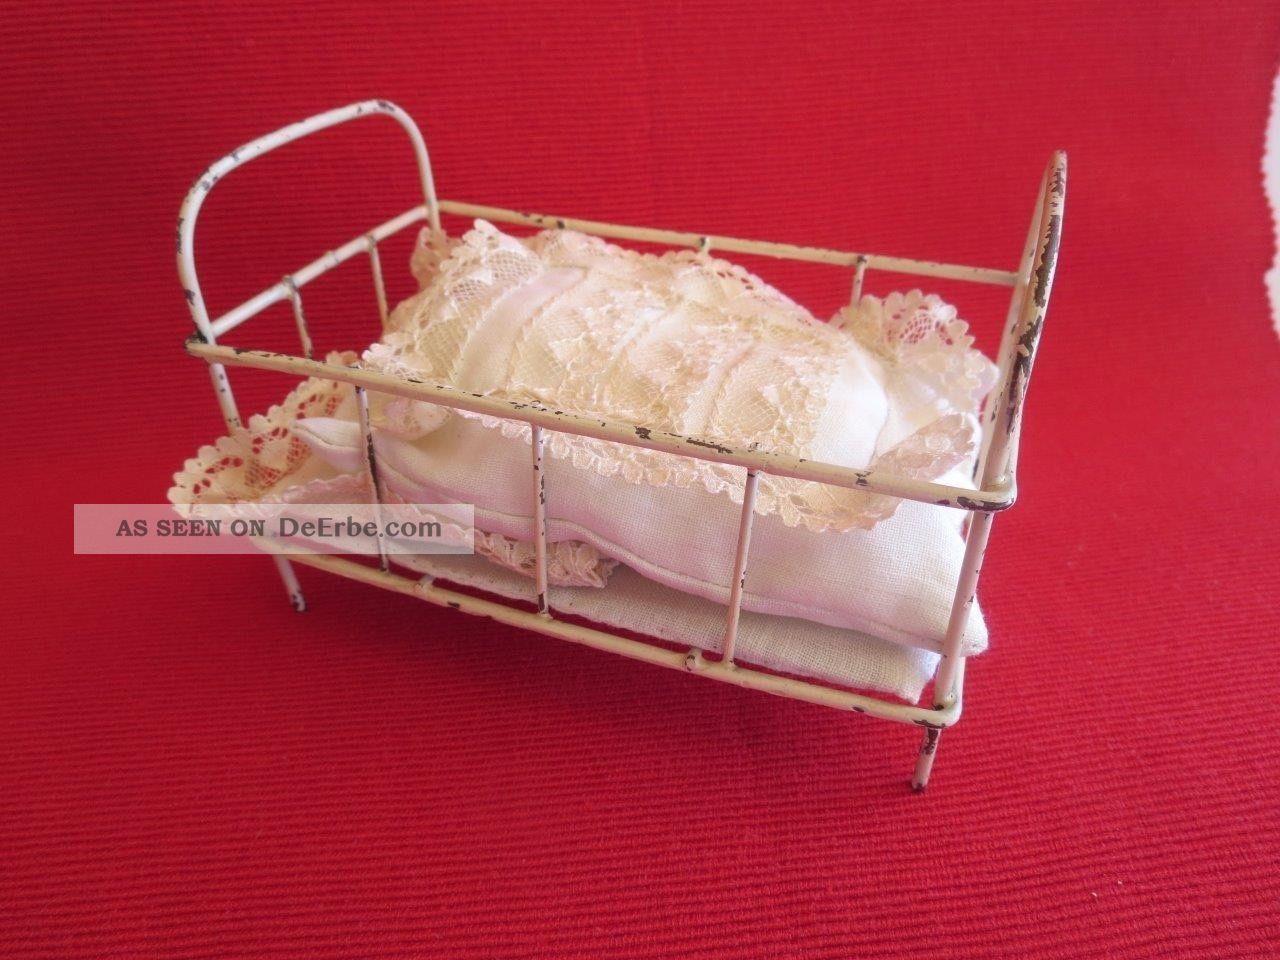 Kleines,  Altes Puppenbett Metall,  Puppenstube,  Um 1940 Original, gefertigt vor 1970 Bild